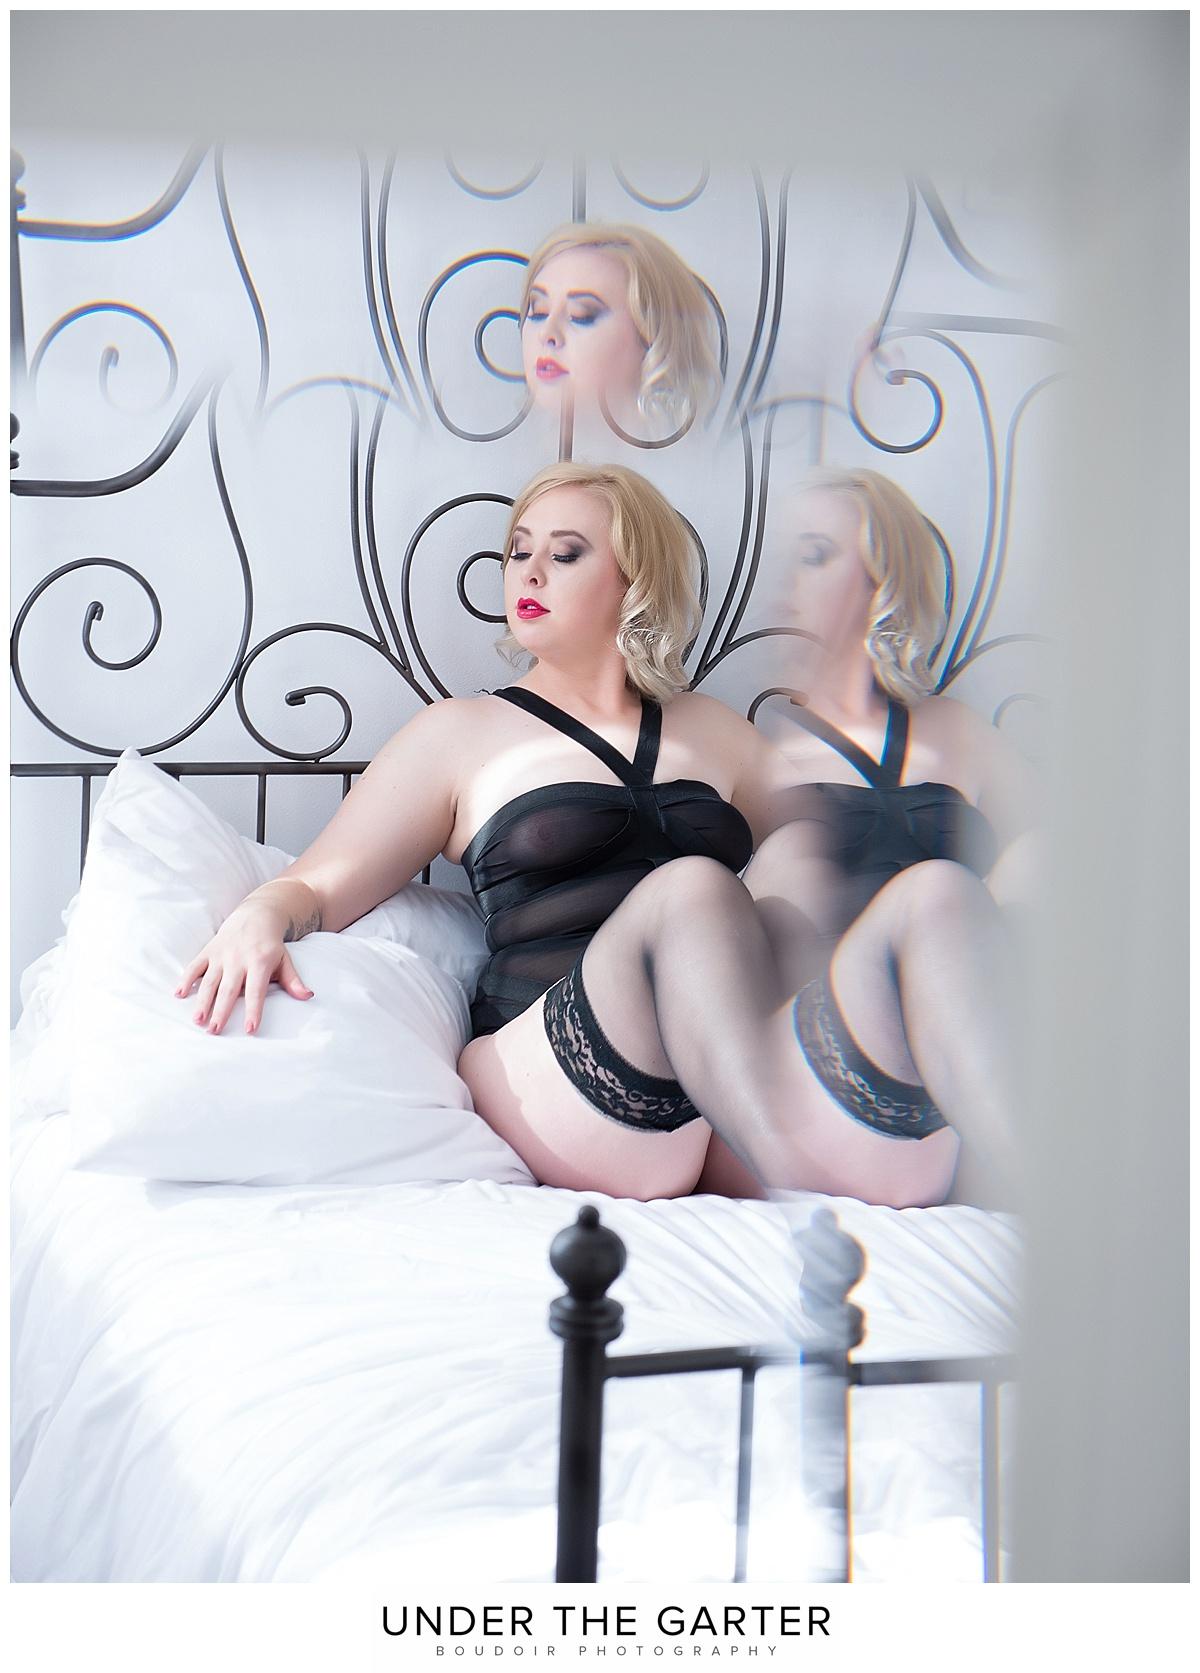 boudoir photography denver goddess pose.jpg